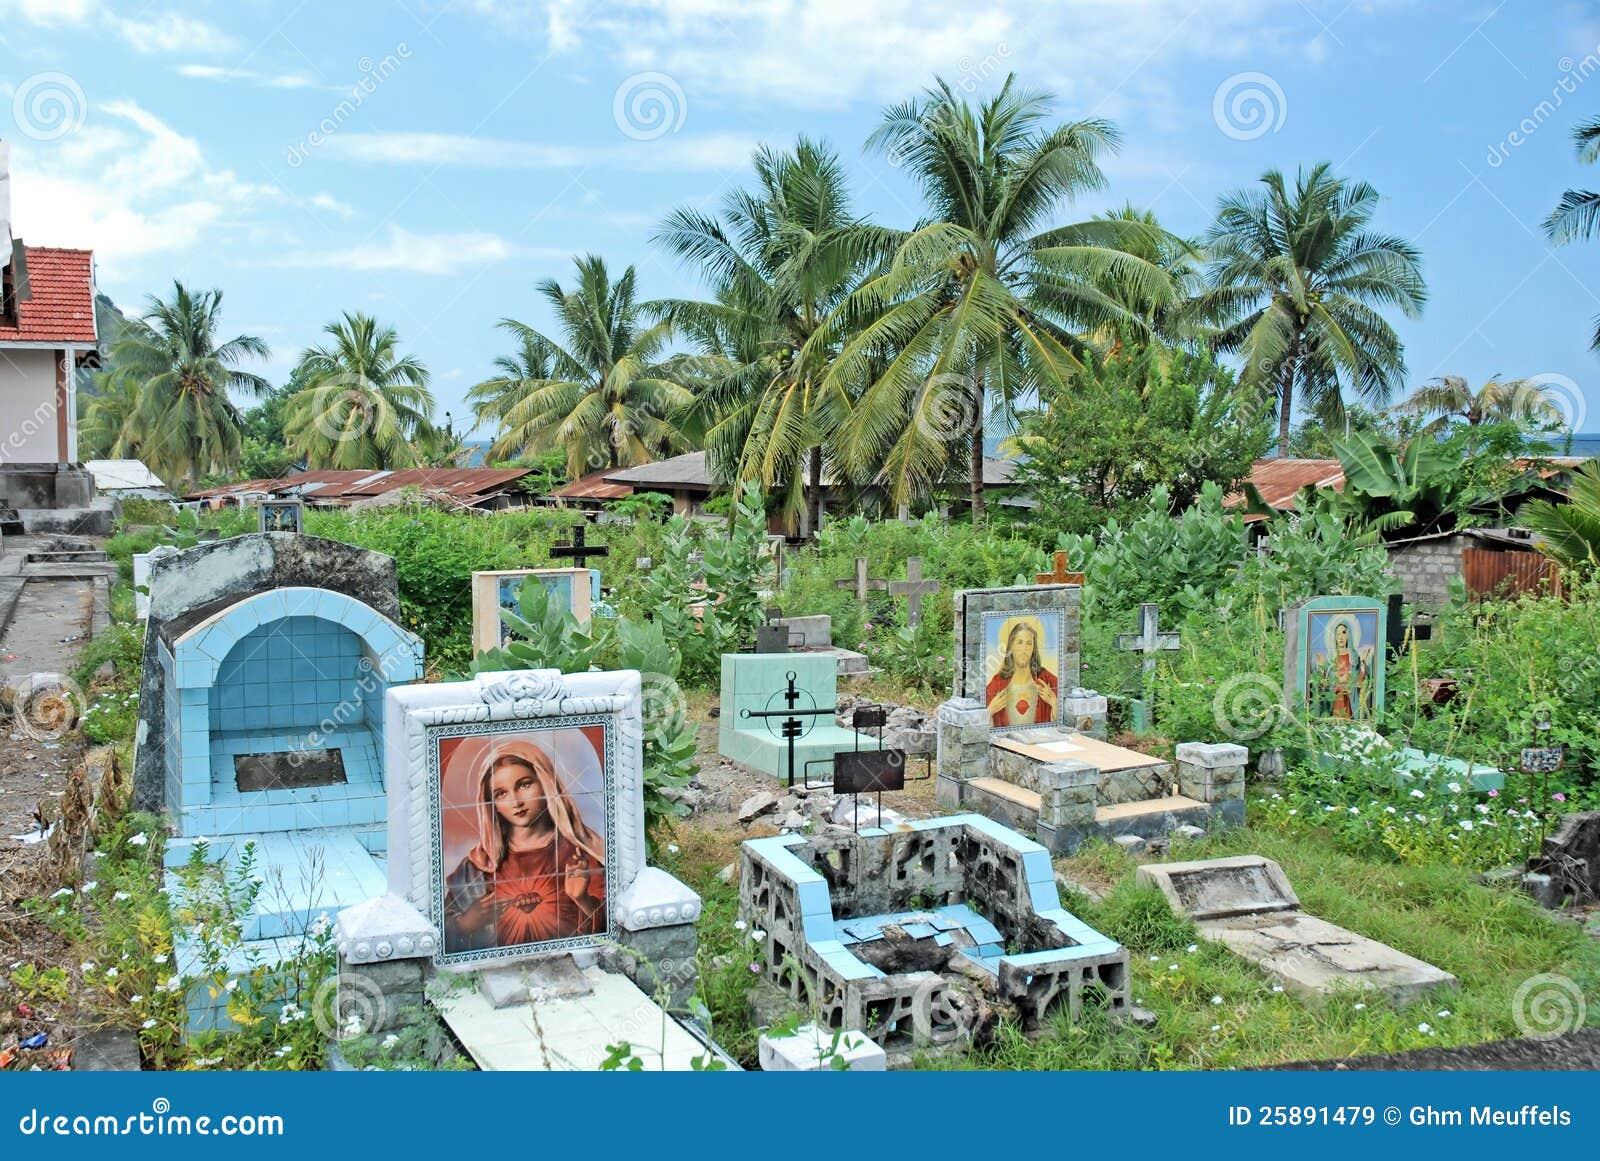 Catholic cemetery with gravestones, Indonesia